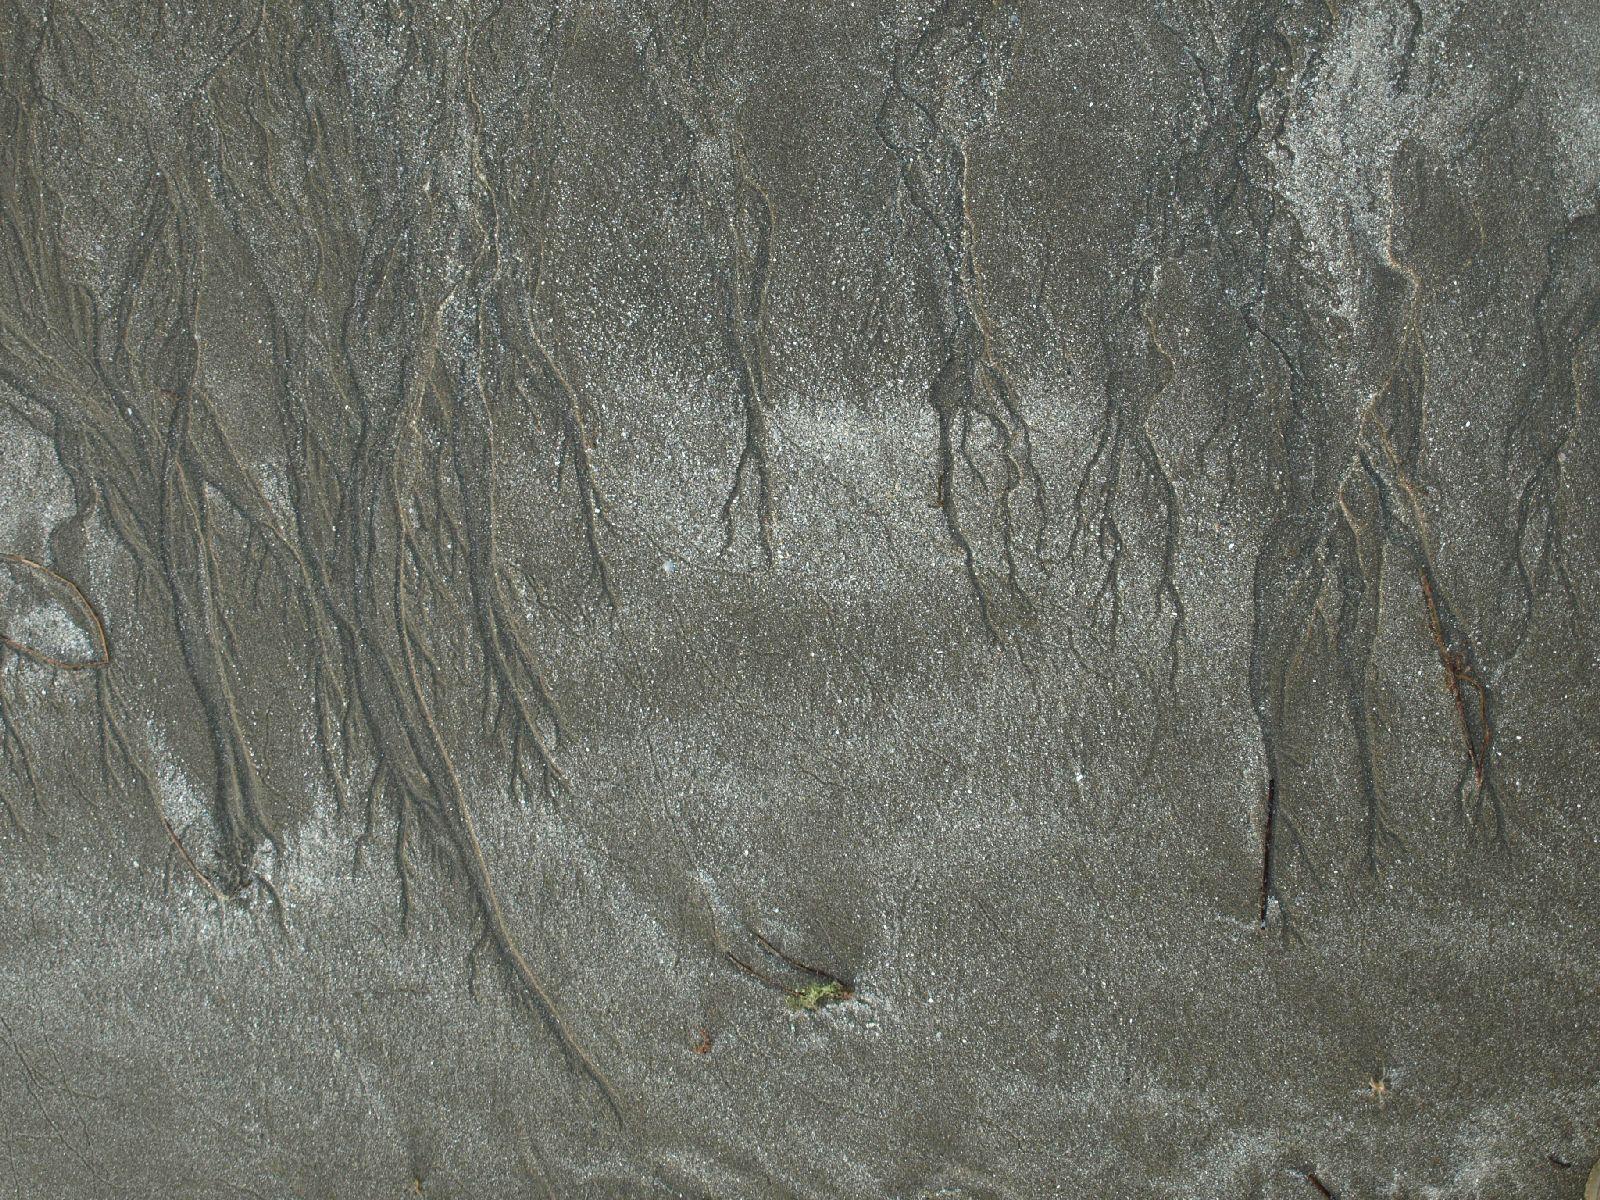 Boden-Erde-Steine_Textur_A_P5254978